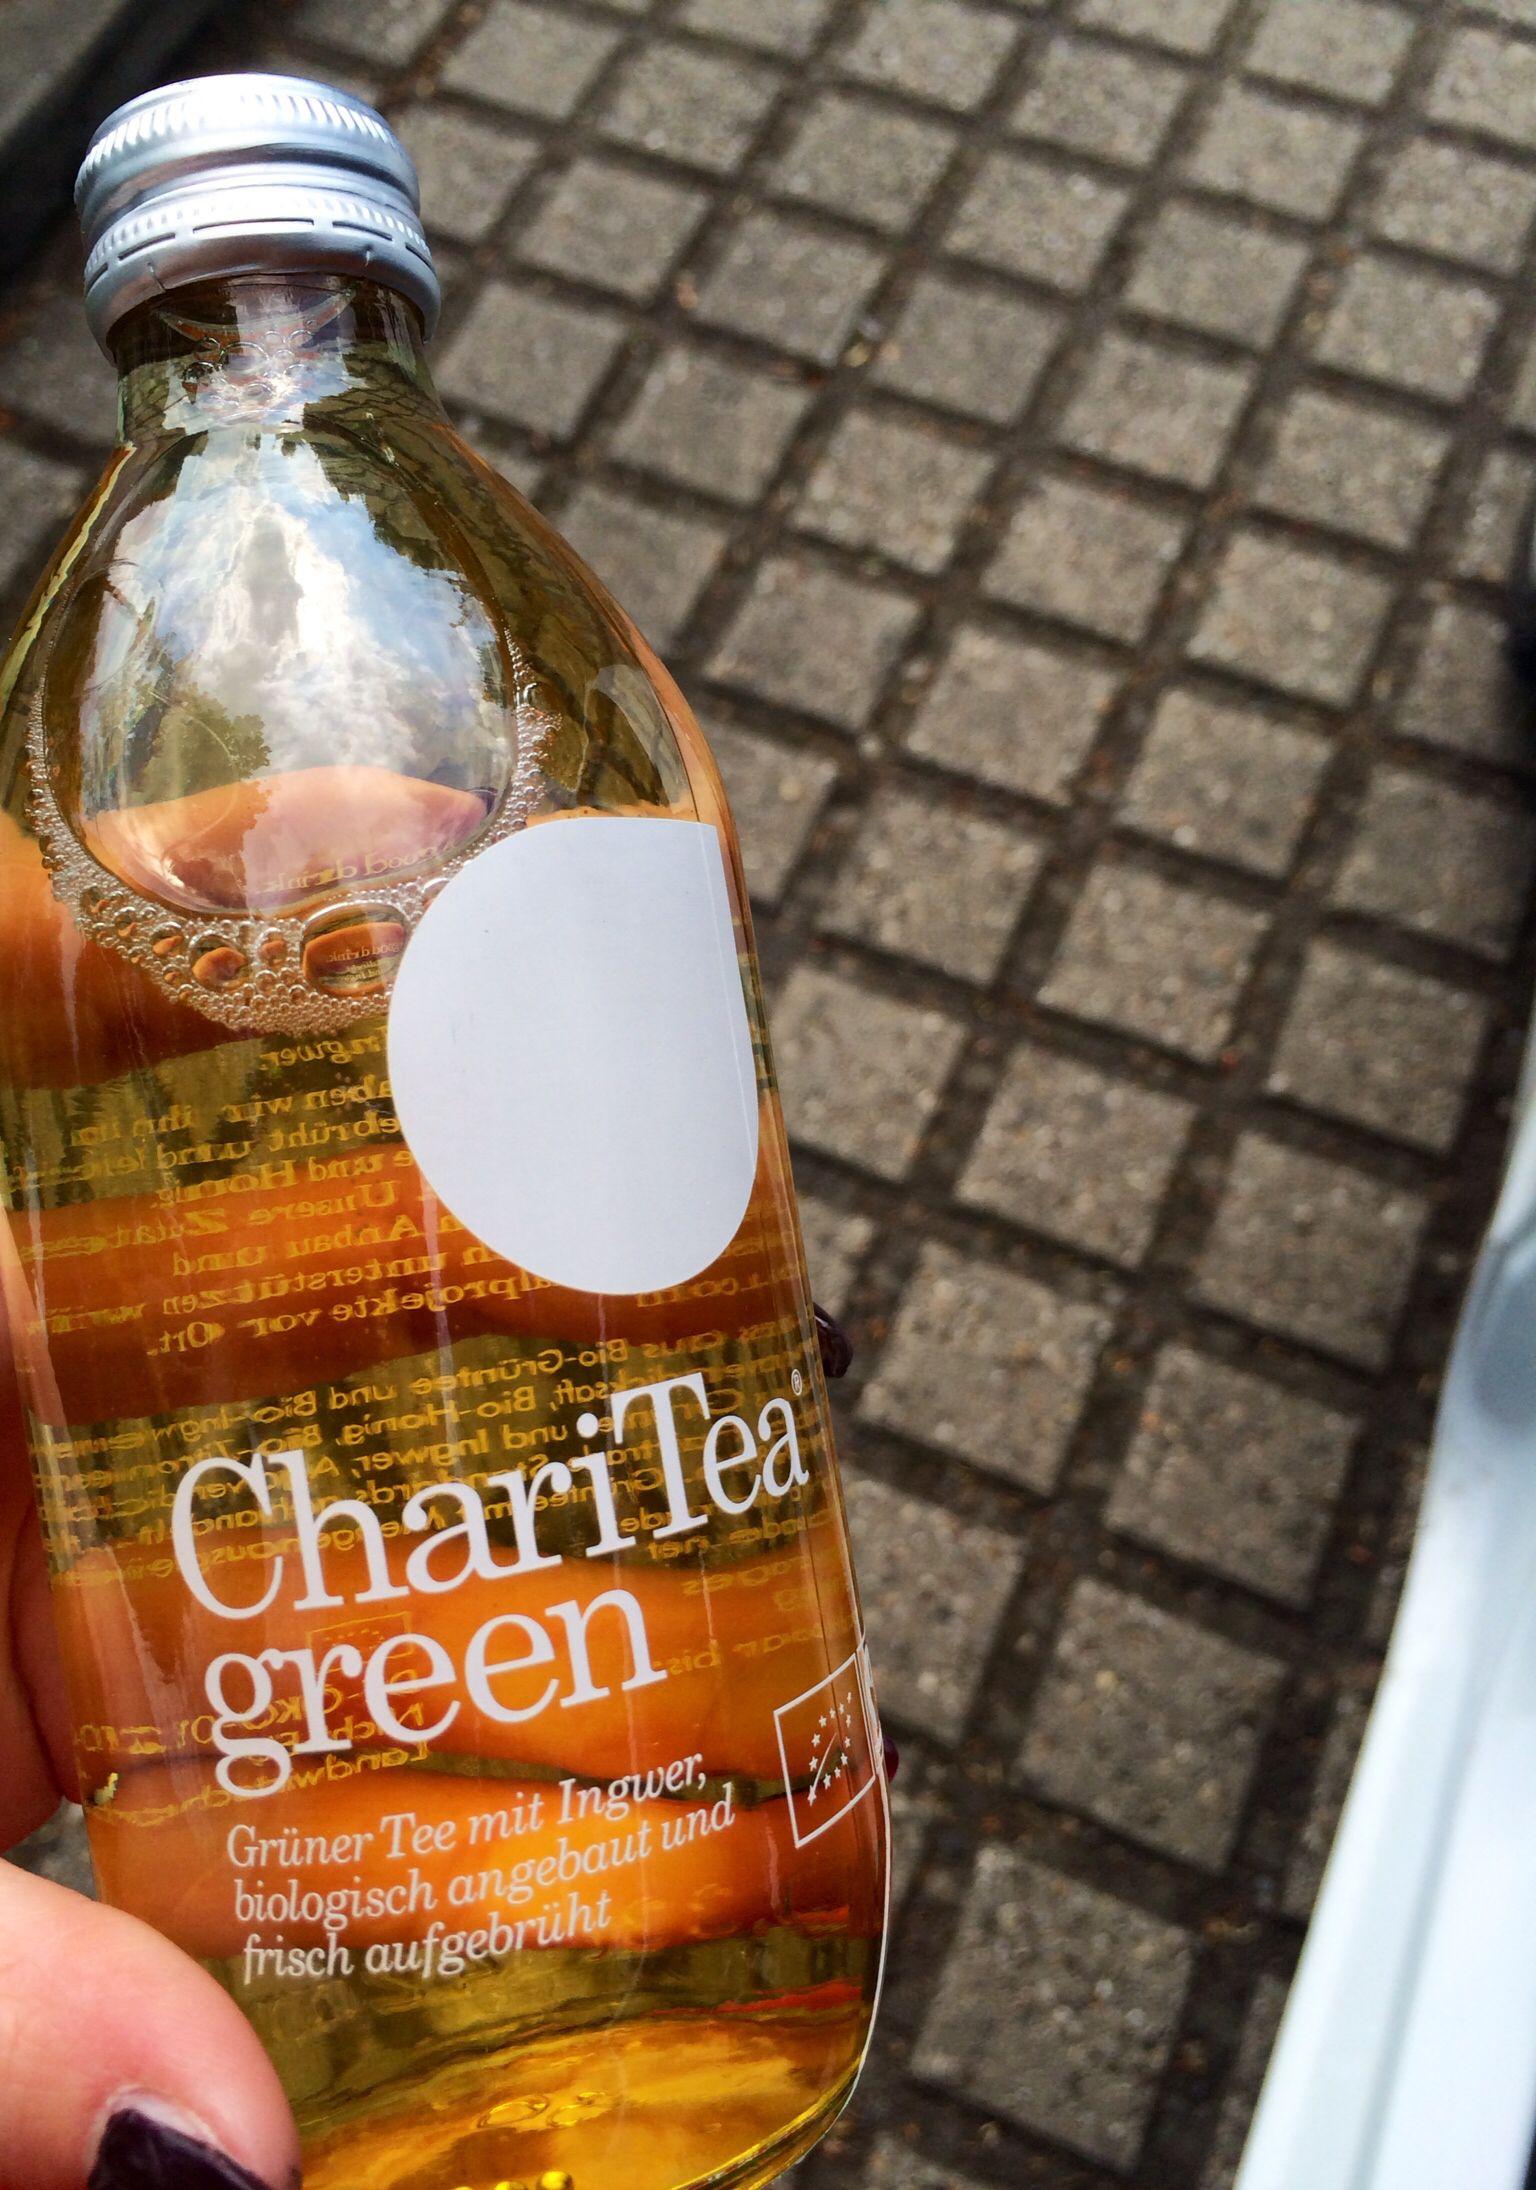 Green Ingwer tea. So lecker und sehr gesund !!!:)  http://lifestylebloggerin.blogspot.de/2014/04/charitea-green.html?m=1 Für mehr Infos auf meinem Blog:)